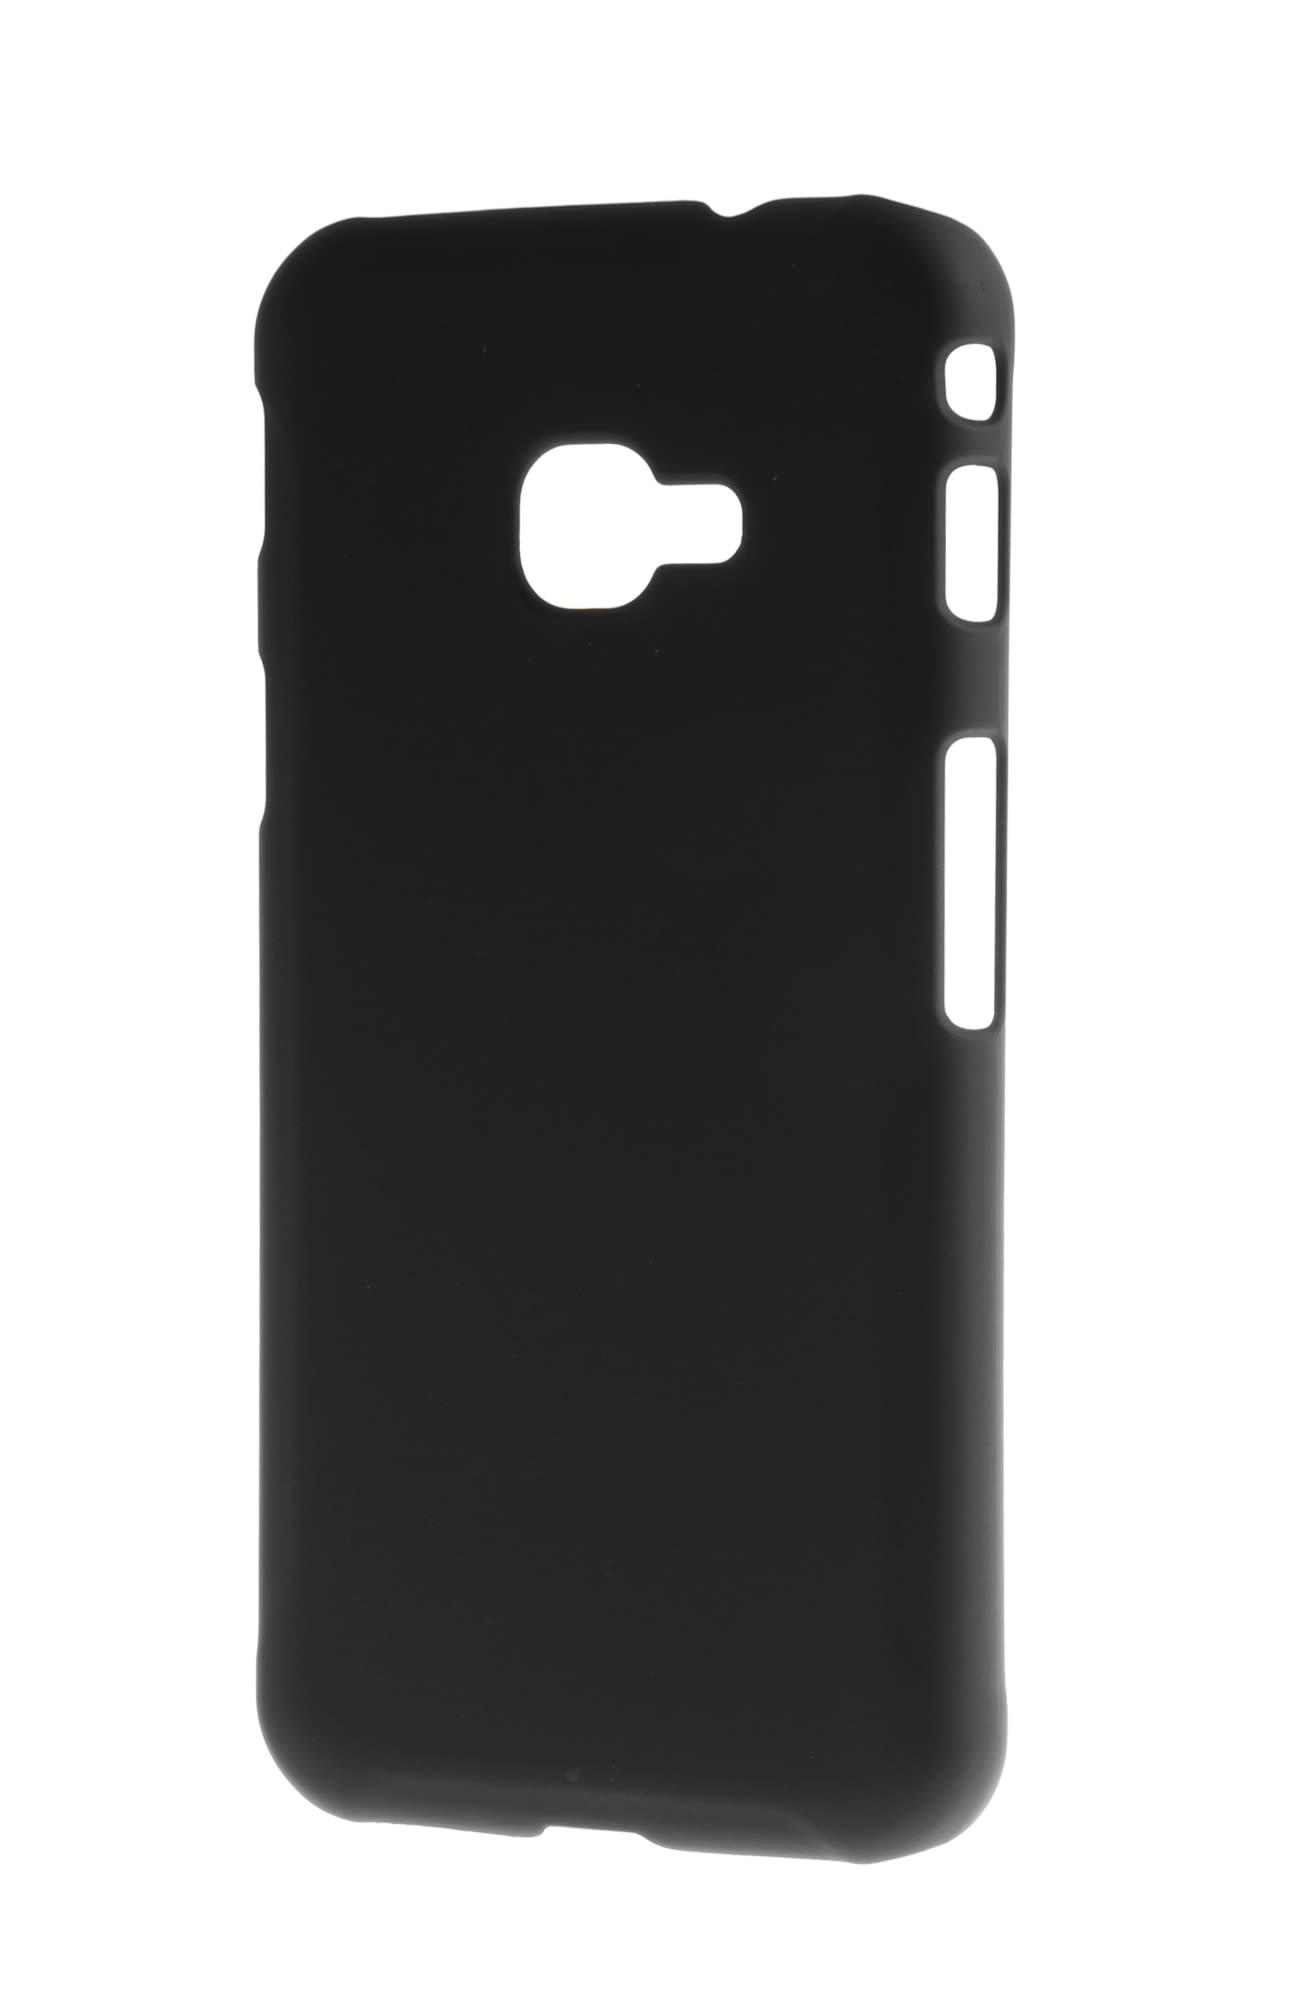 Samsung Xcover 5 Hinta